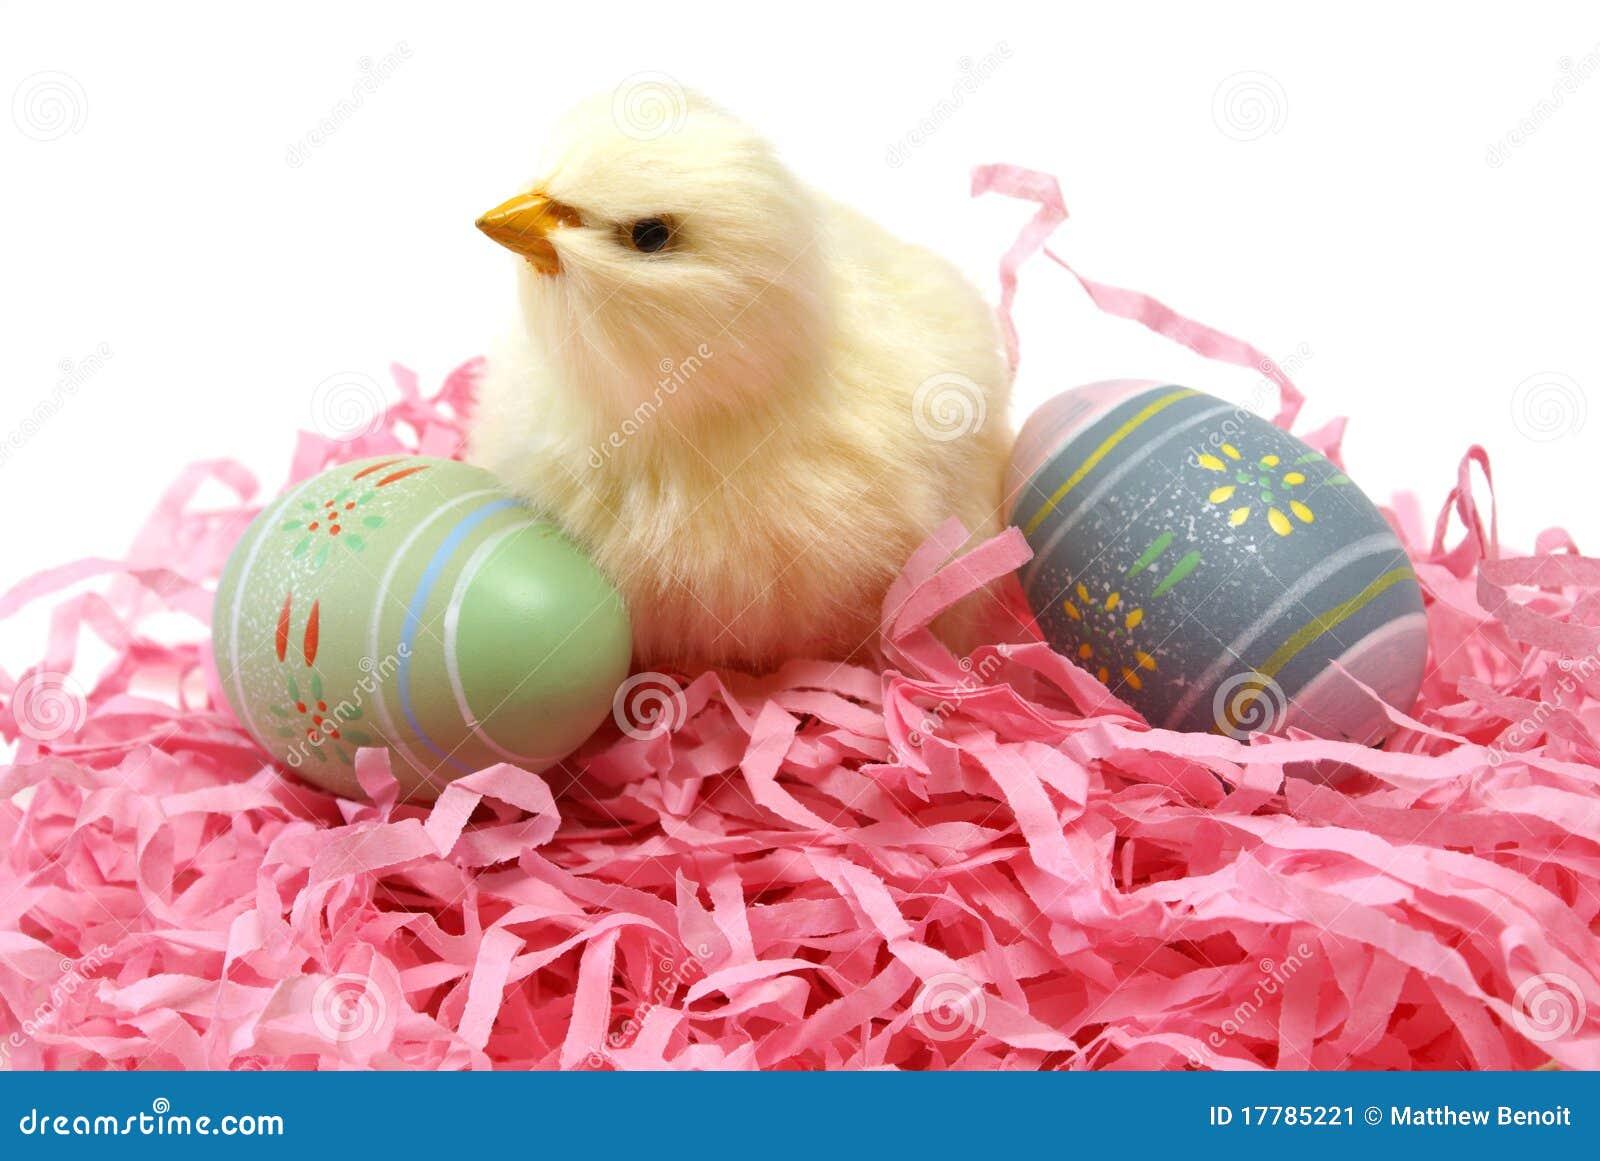 Het Kuiken en de Eieren van Pasen